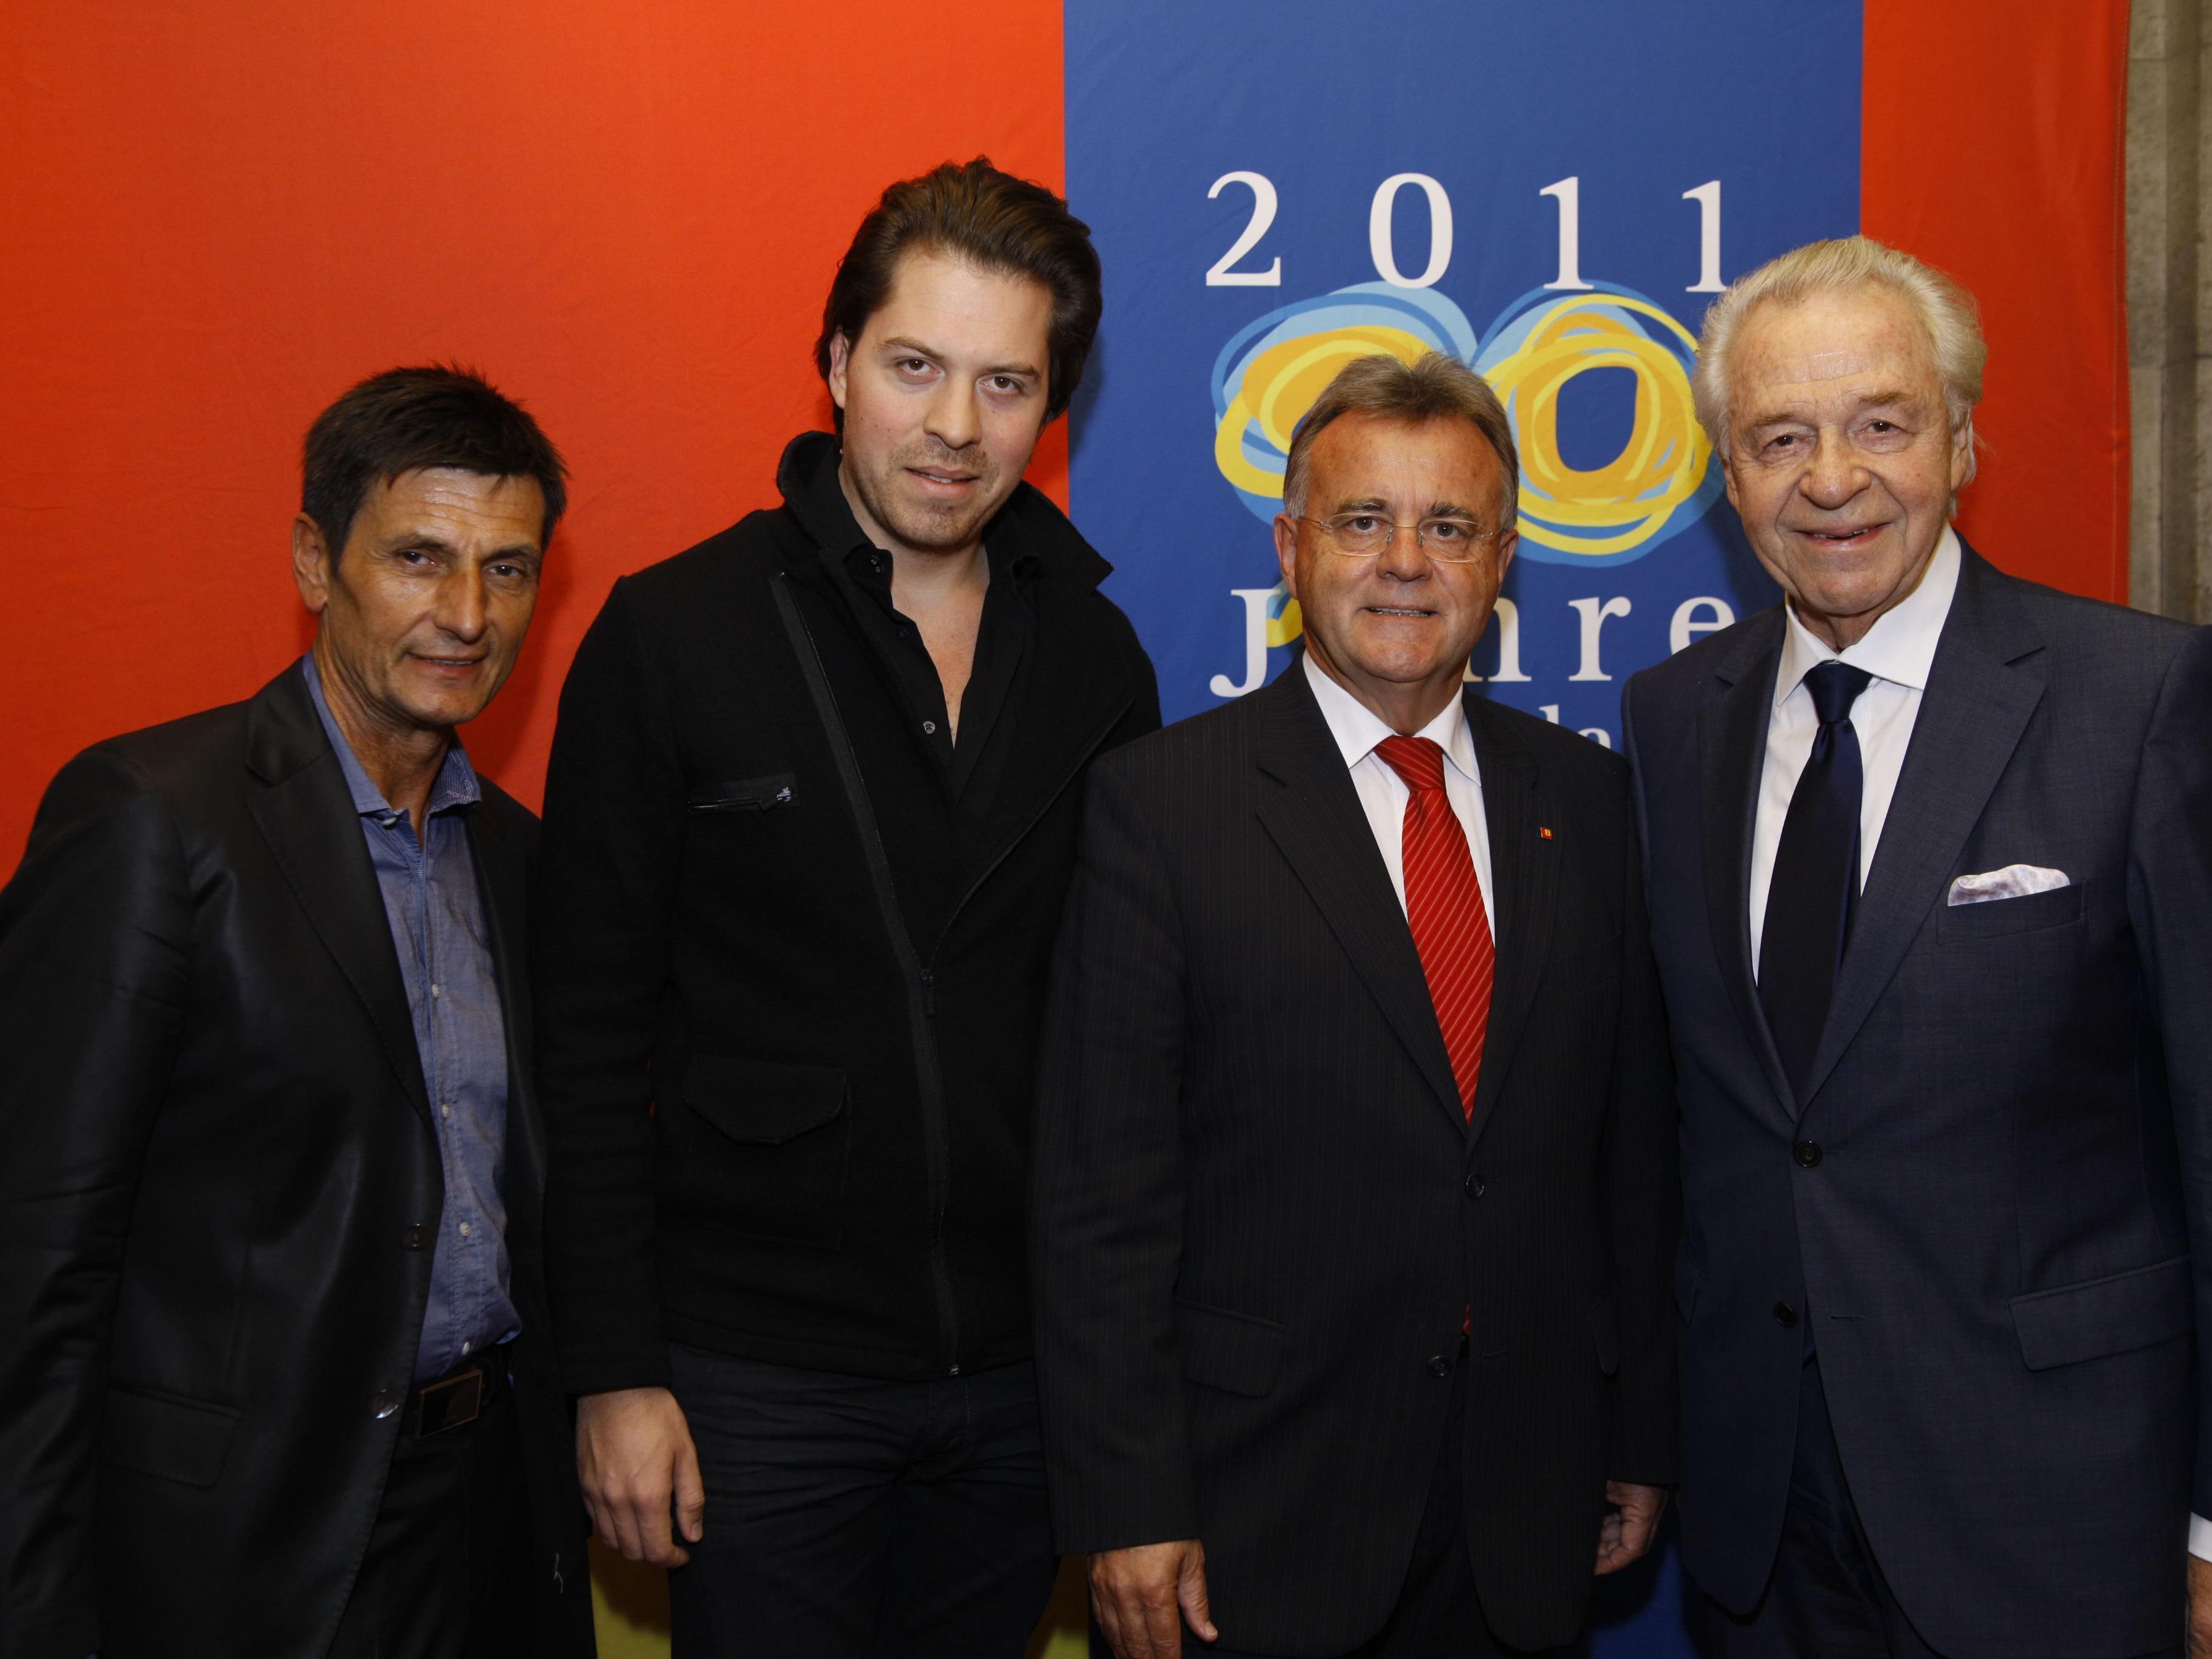 I Love Burgenland - Wir Burgenländer in Wien. Mit dabei: Illedit, Serafin, Niessl, Serafin